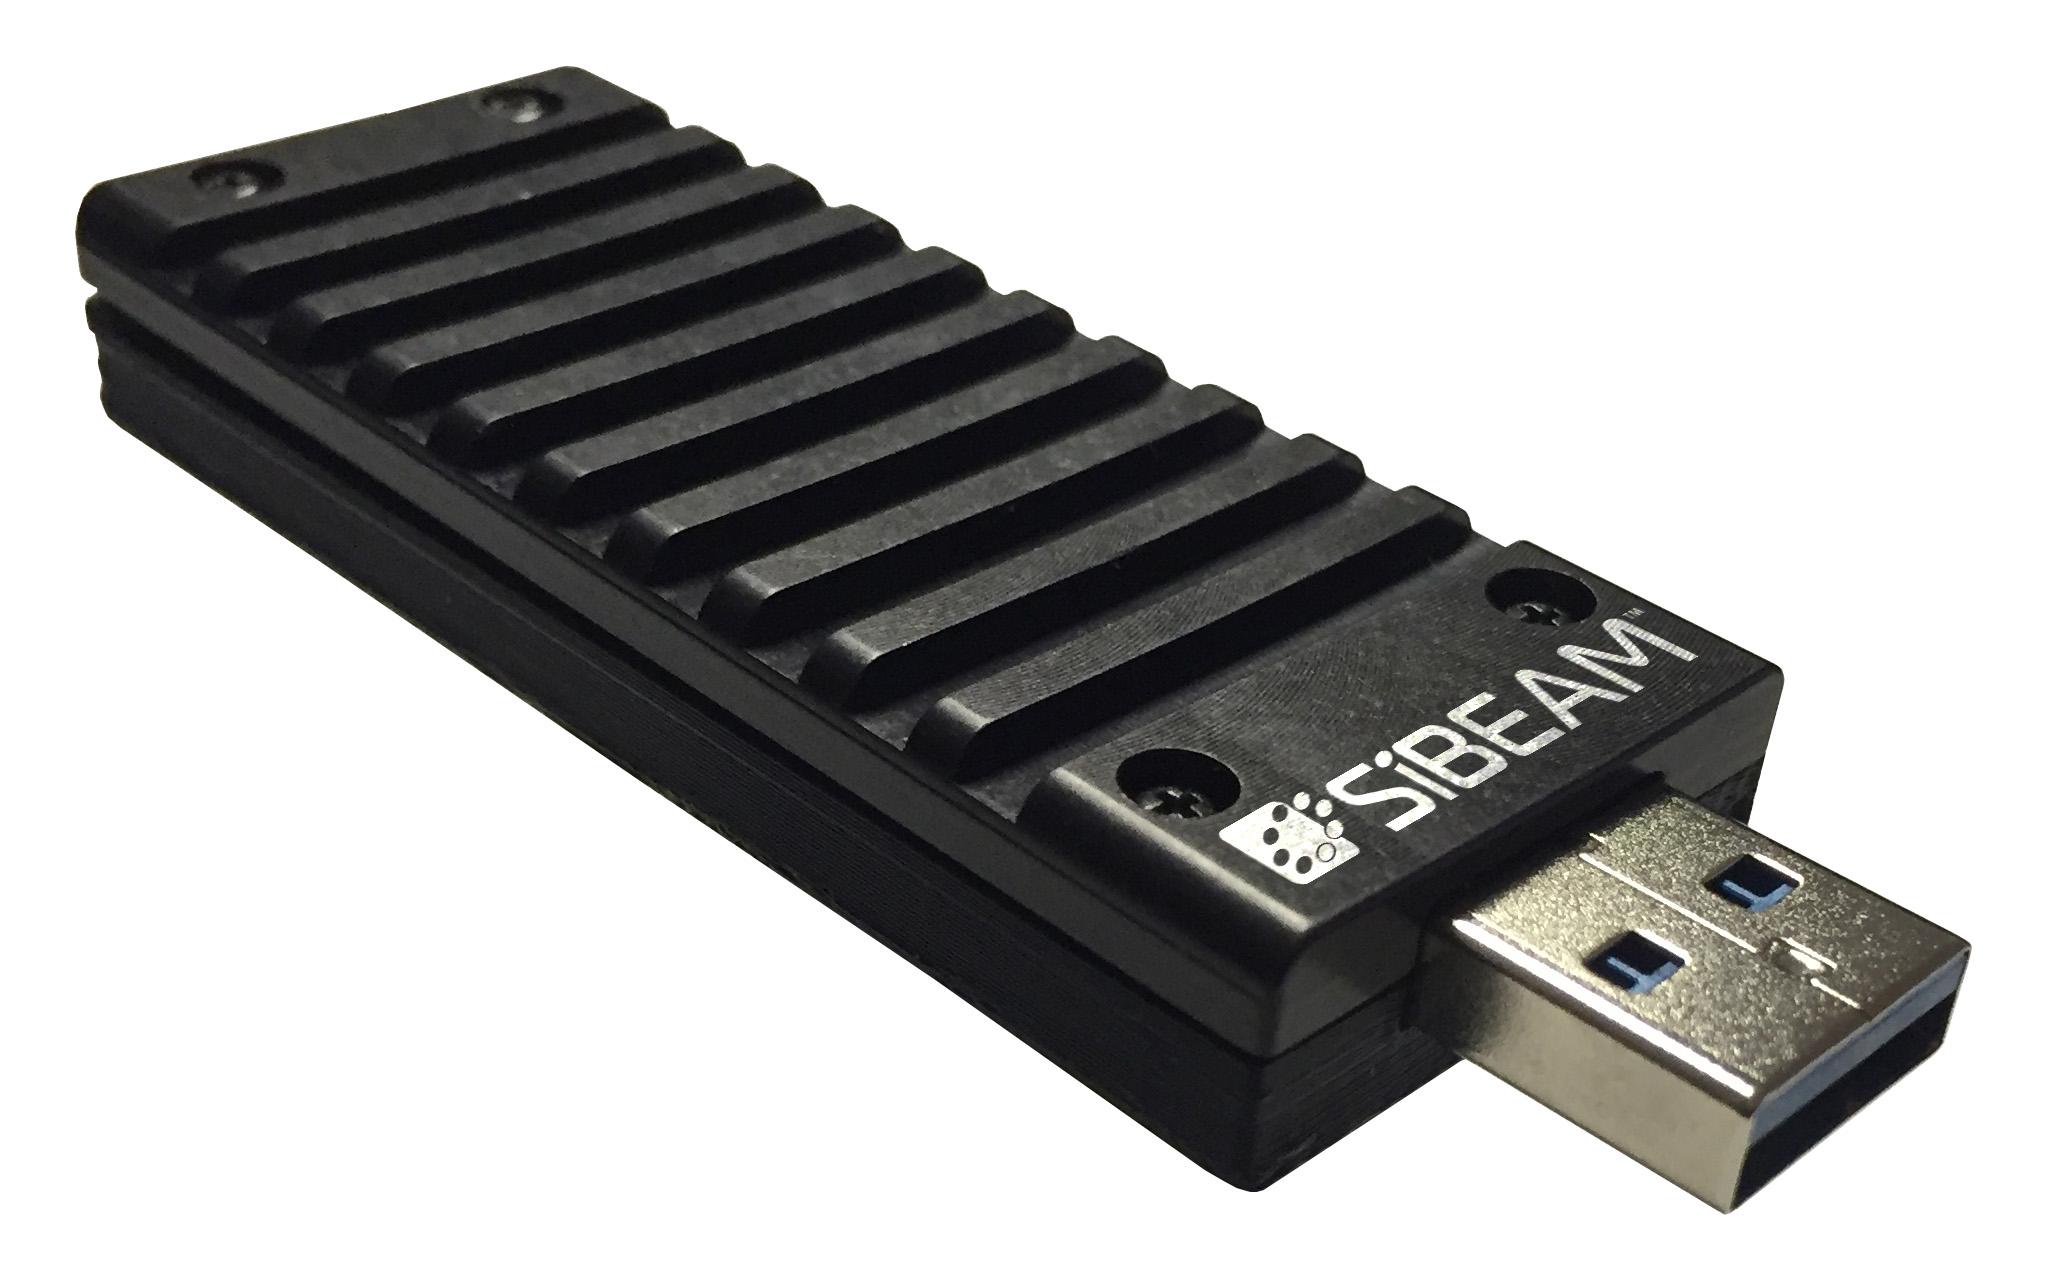 SiBEAM推出USB 3.0 802.11ad参考设计实现千兆级无线互连